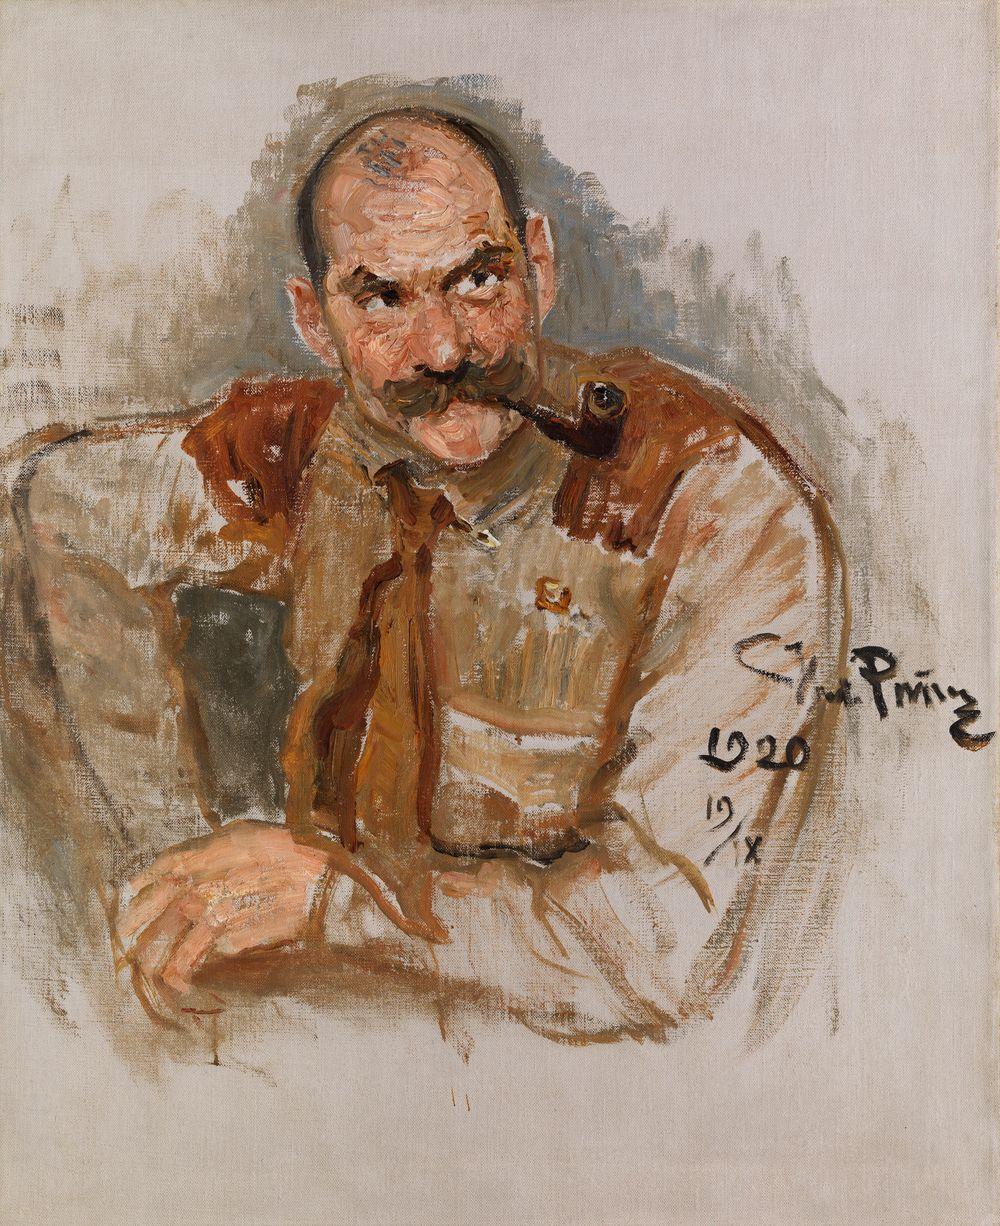 Porträtt av A. Gallen-Kallela